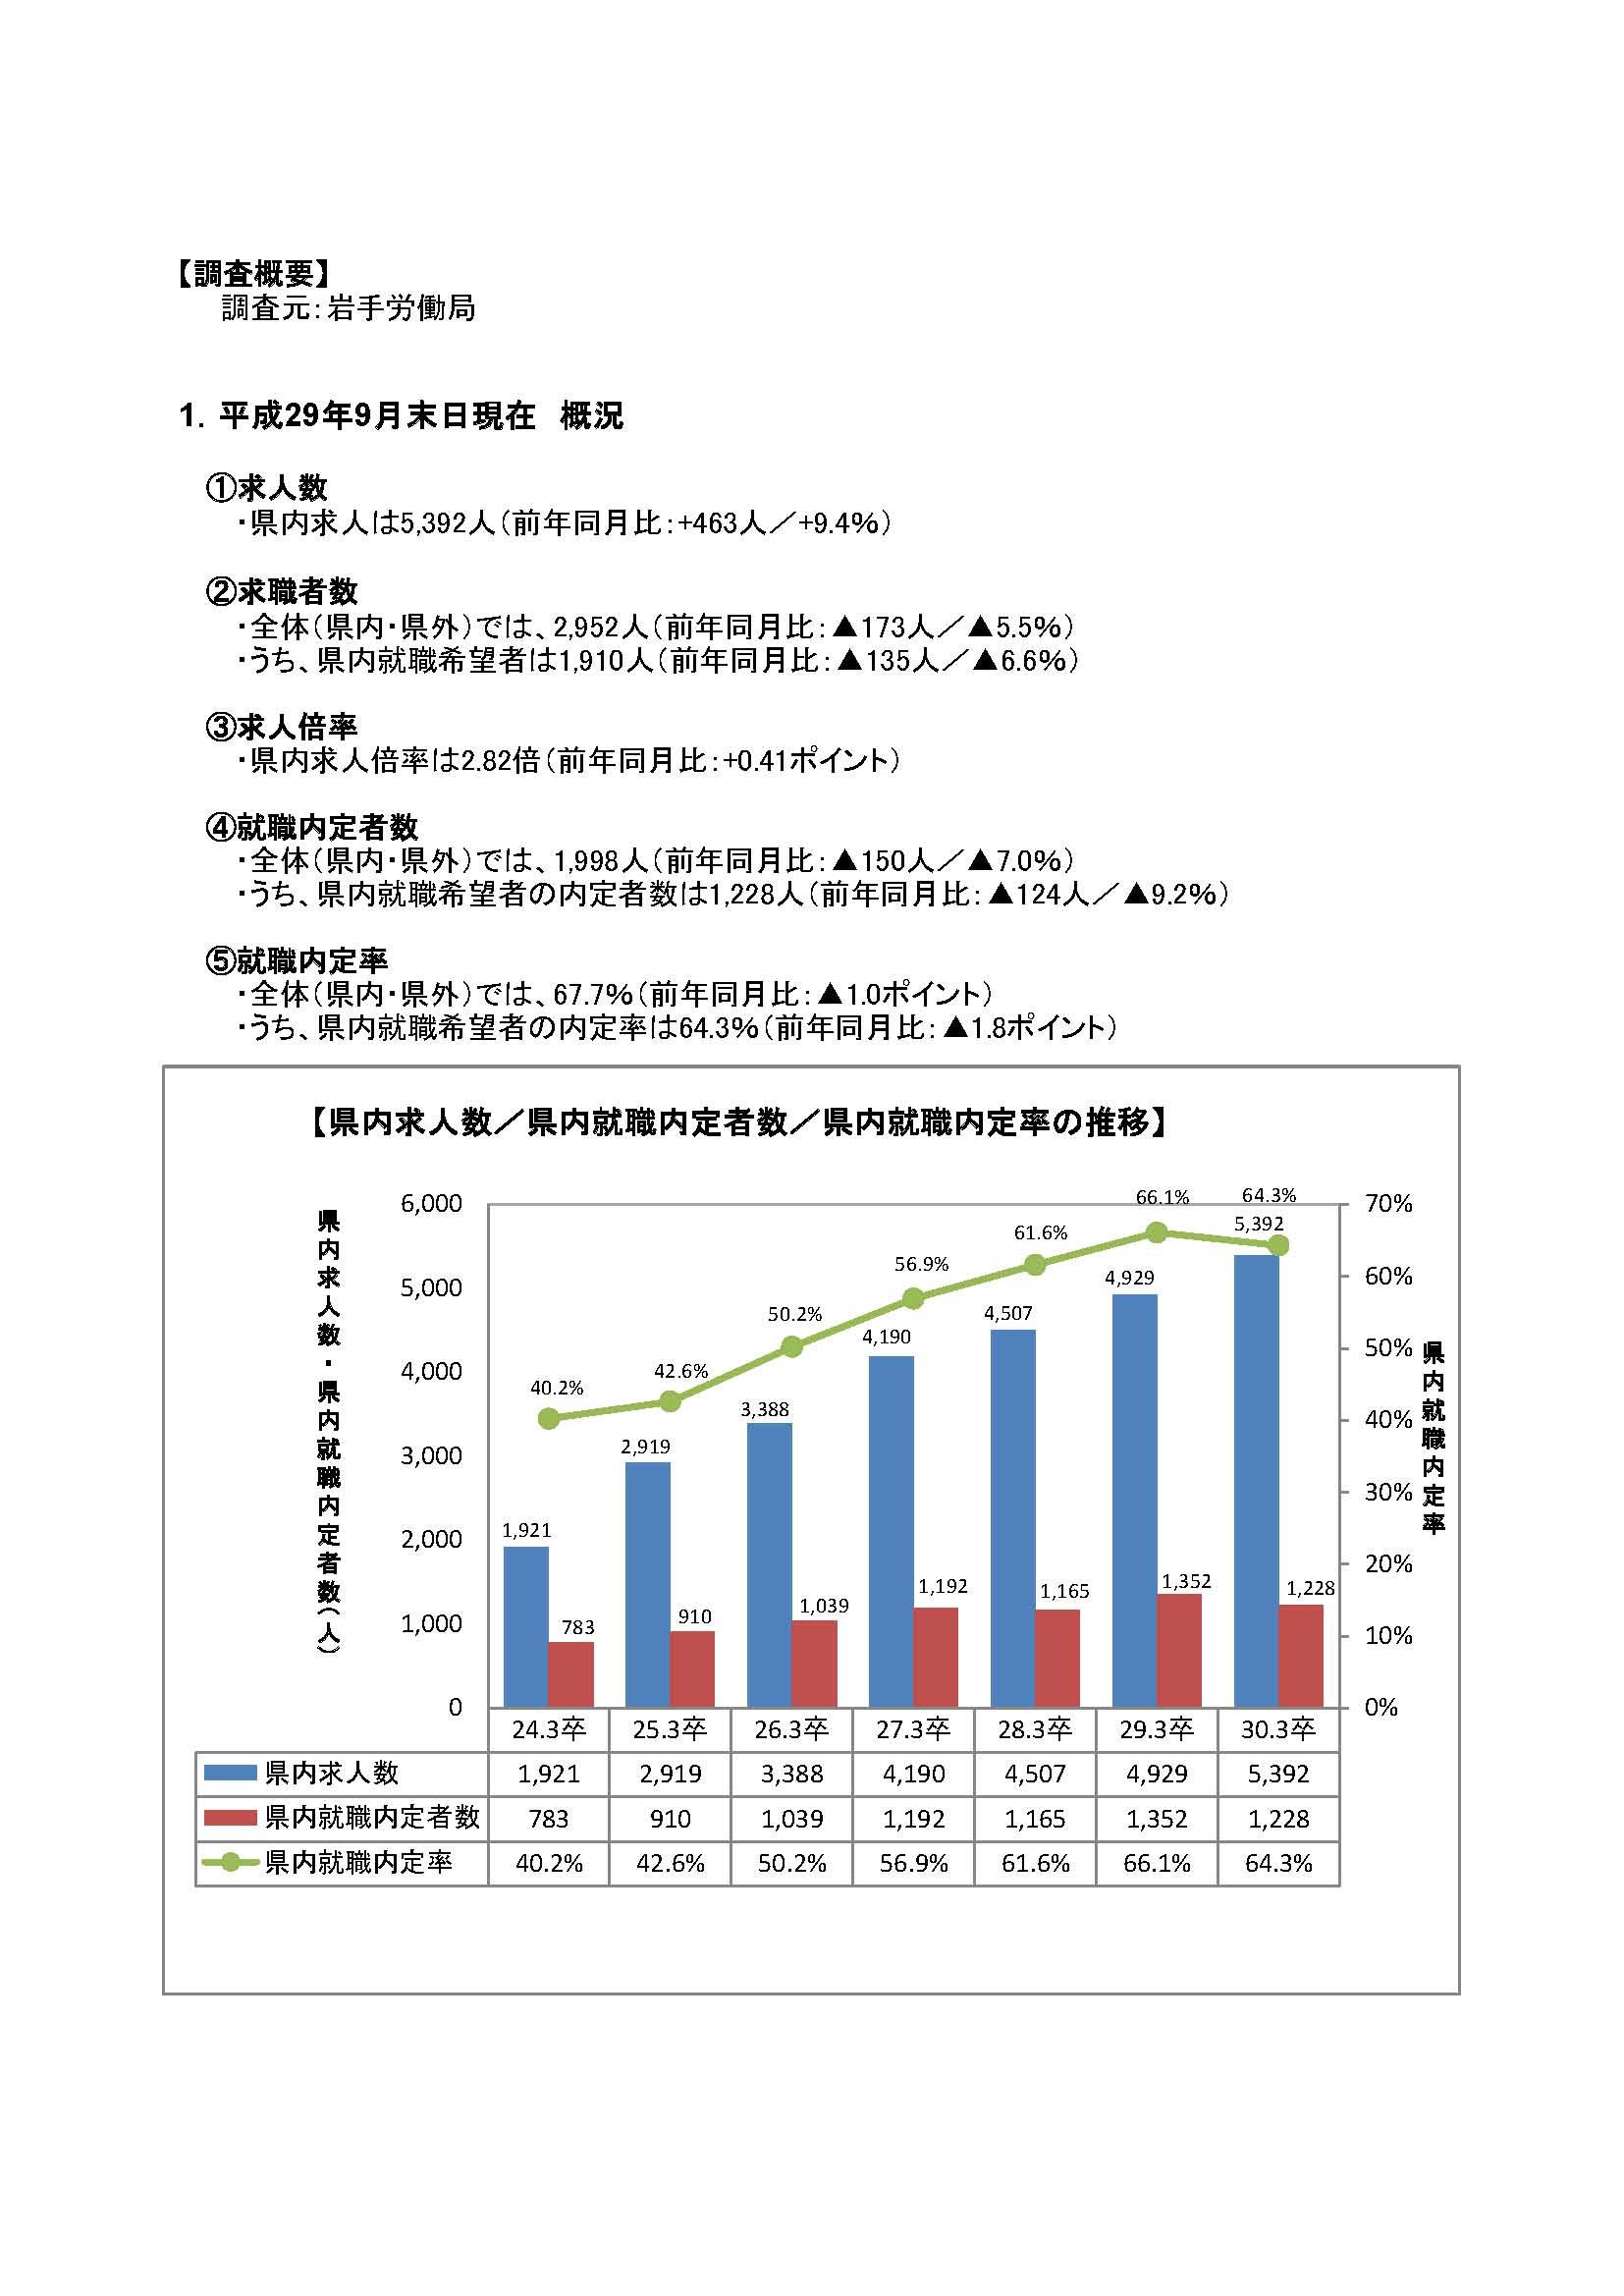 H30.3月高卒者職業紹介状況資料(201709月末現在)